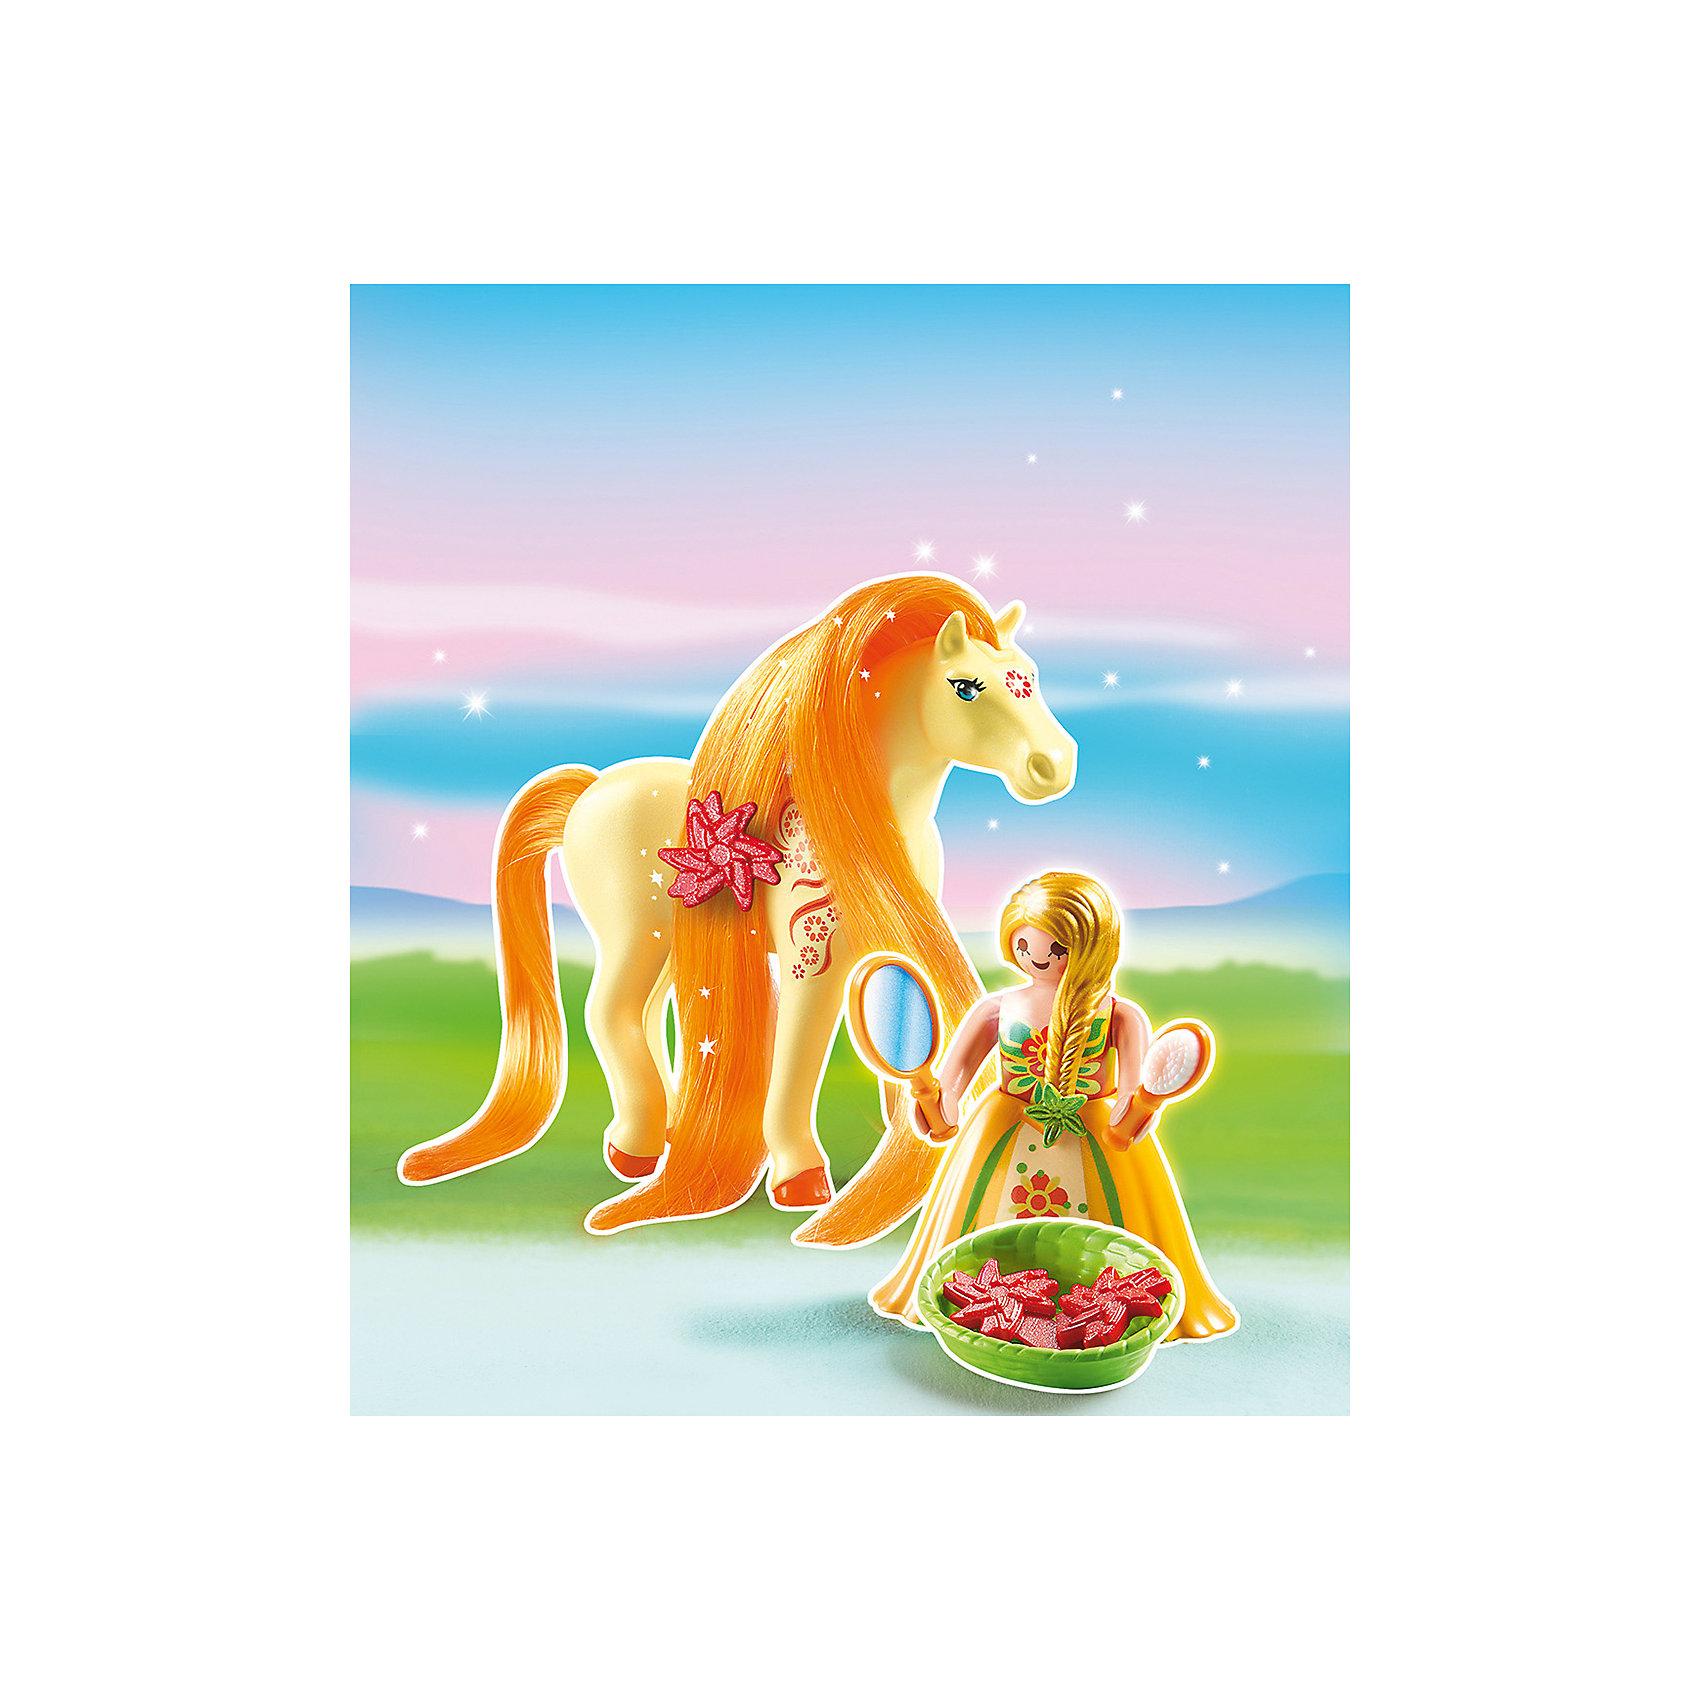 PLAYMOBIL® Принцессы: Принцесса Санни с Лошадкой, PLAYMOBIL playmobil мальчики с гоночным мотоциклом